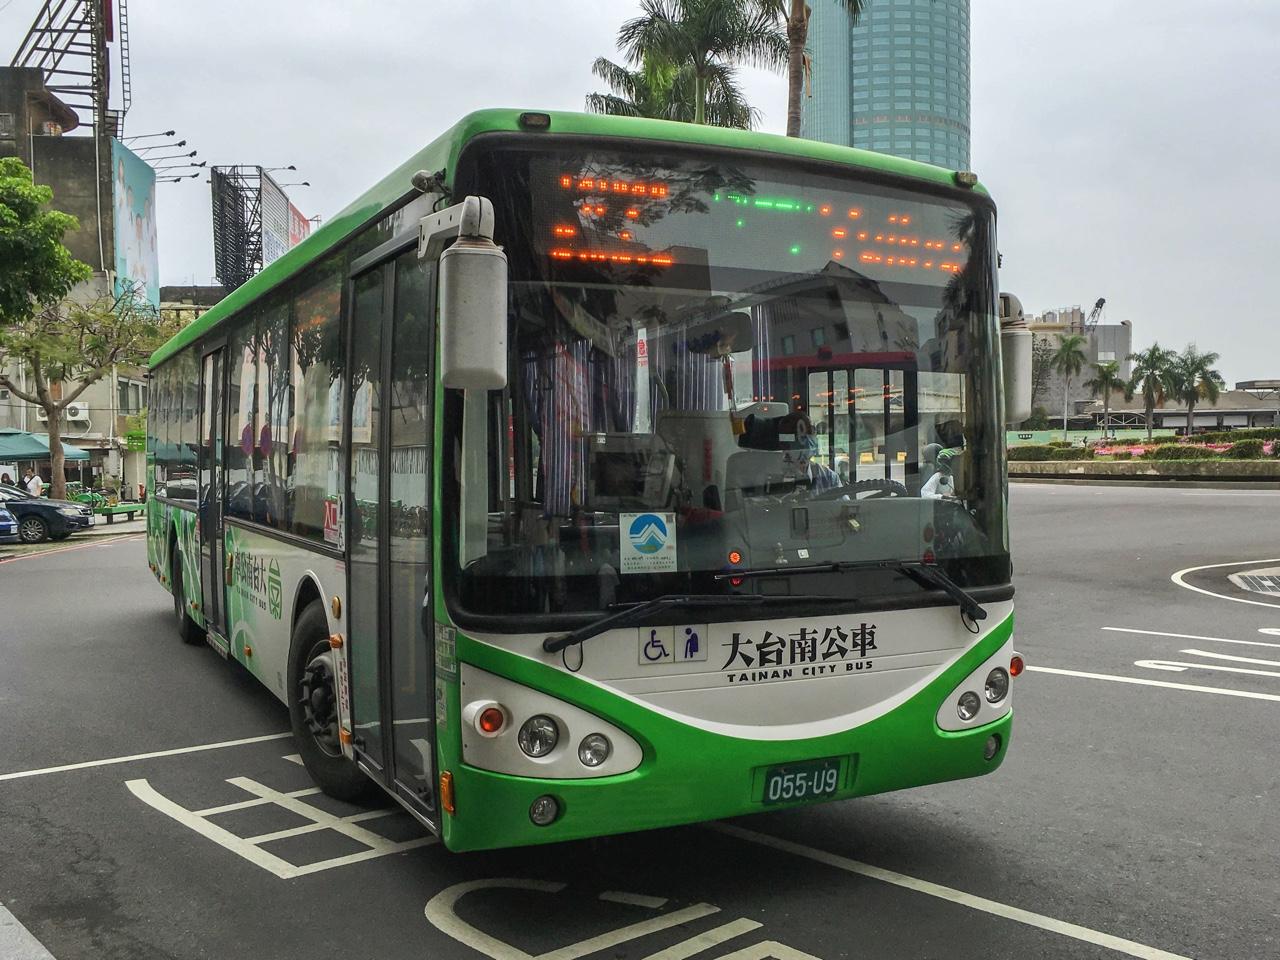 緑幹線のバス